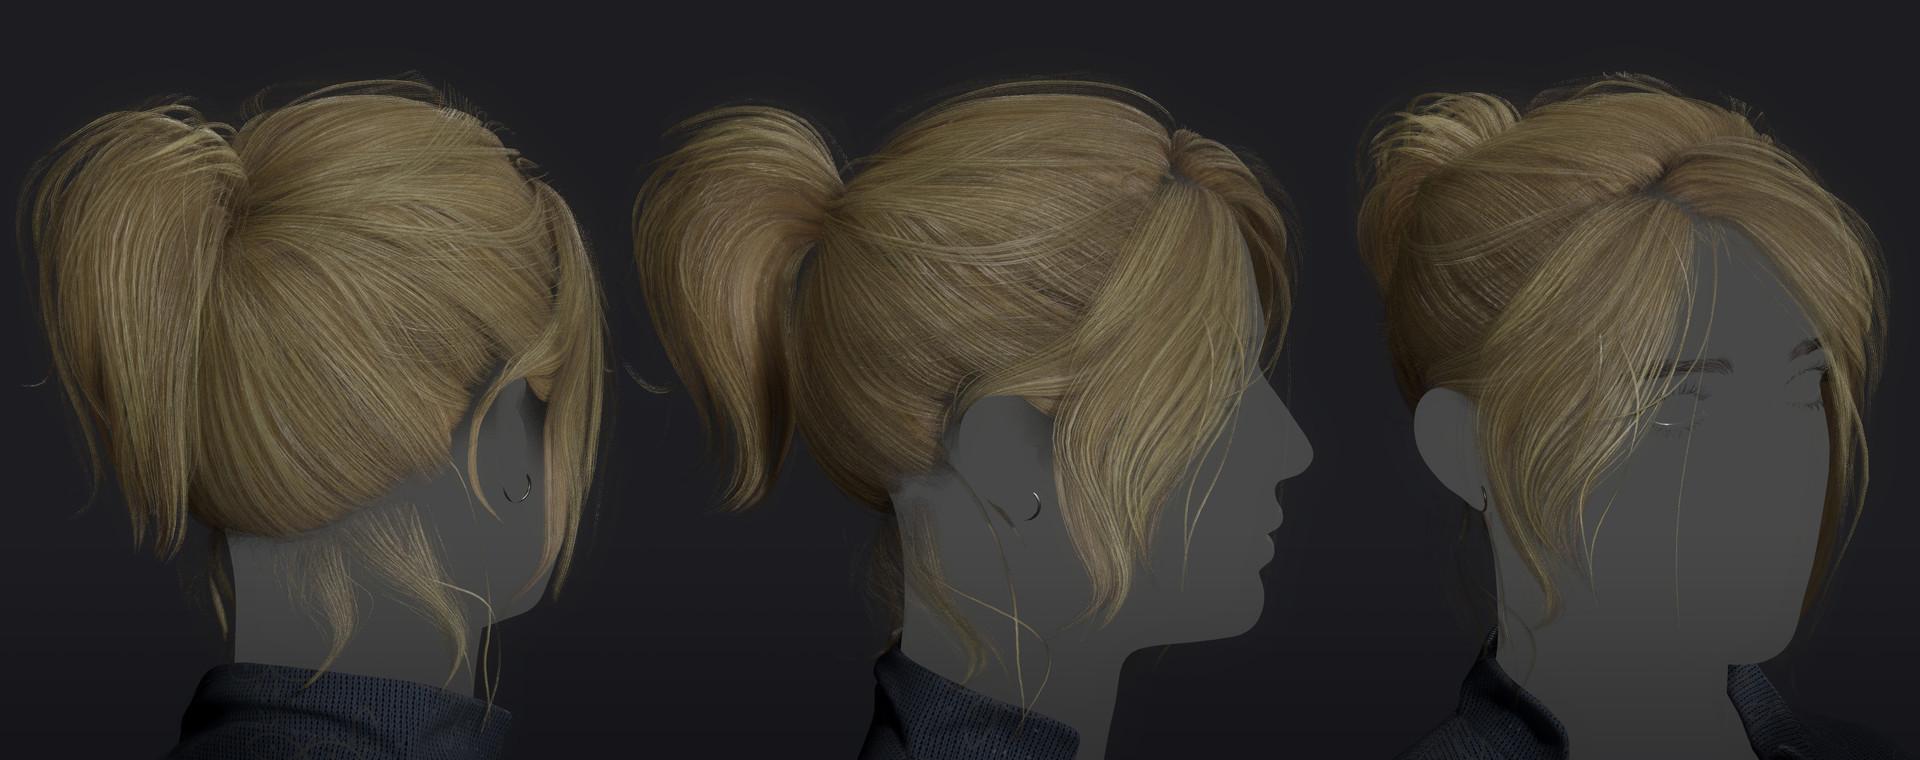 Saurabh jethani blonde 01